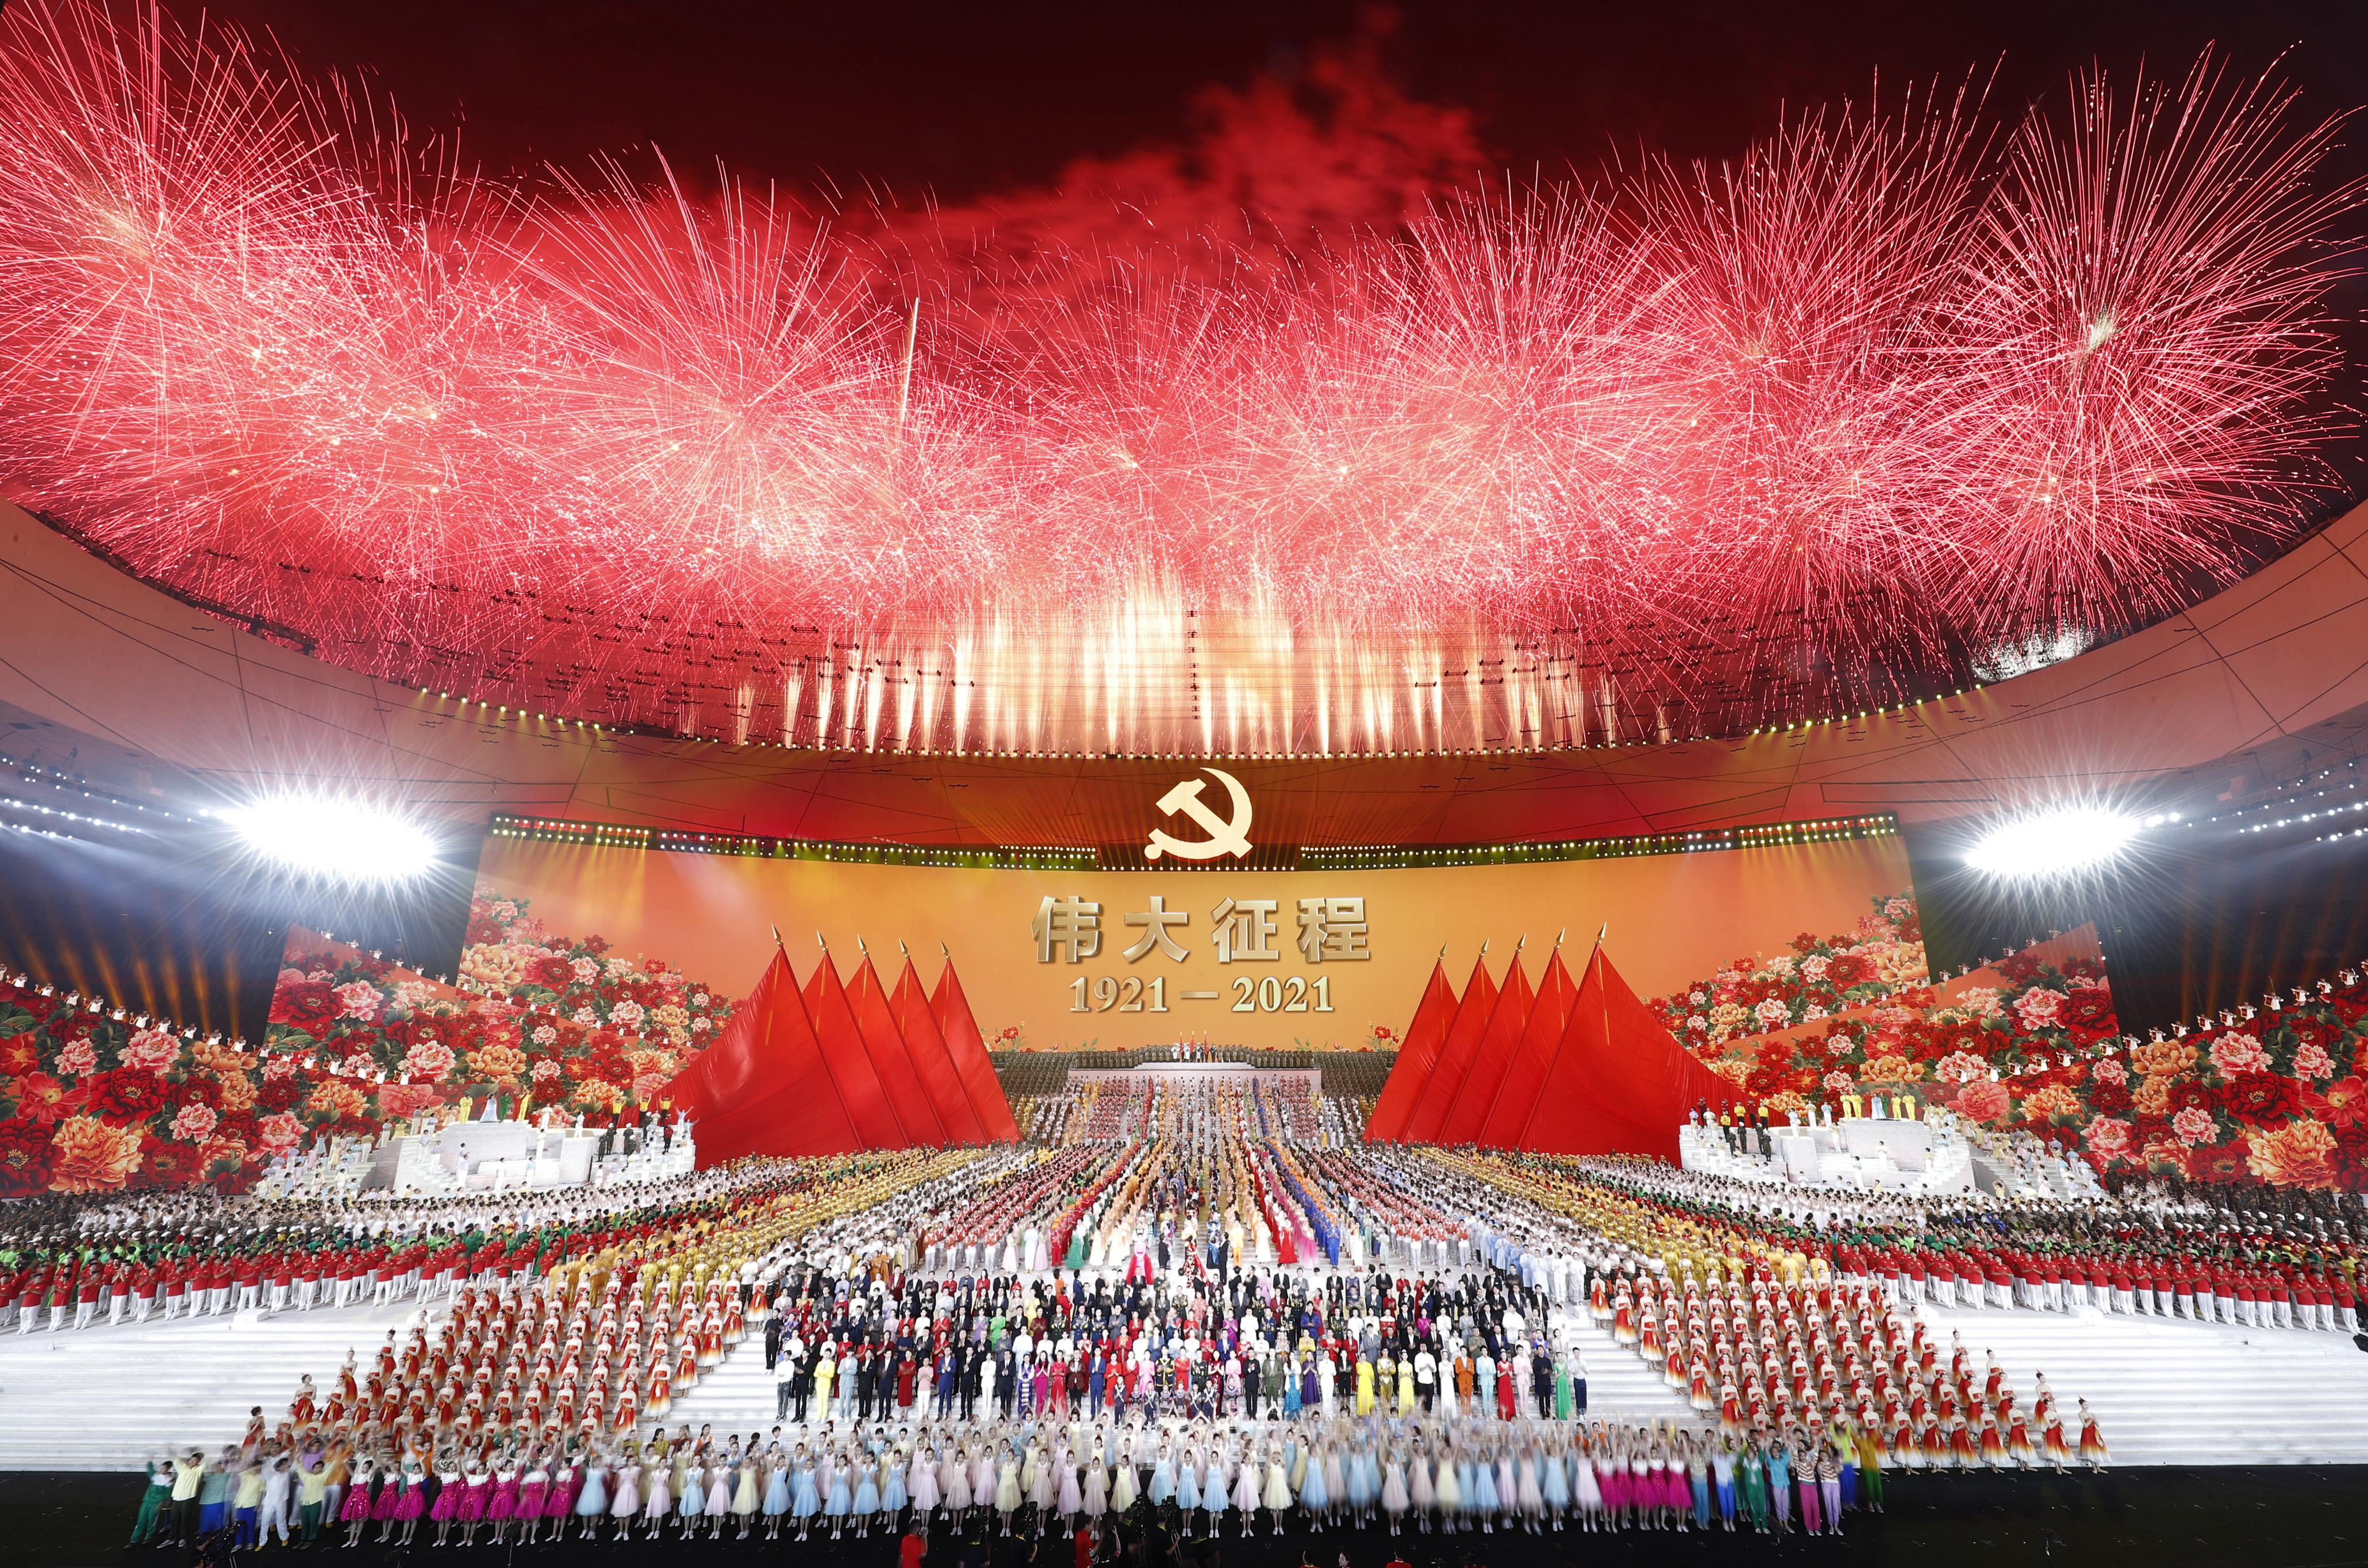 6月28日晚,庆祝中国共产党成立100周年文艺演出《伟大征程》在国家体育场盛大举行。 新华社记者 黄敬文 摄